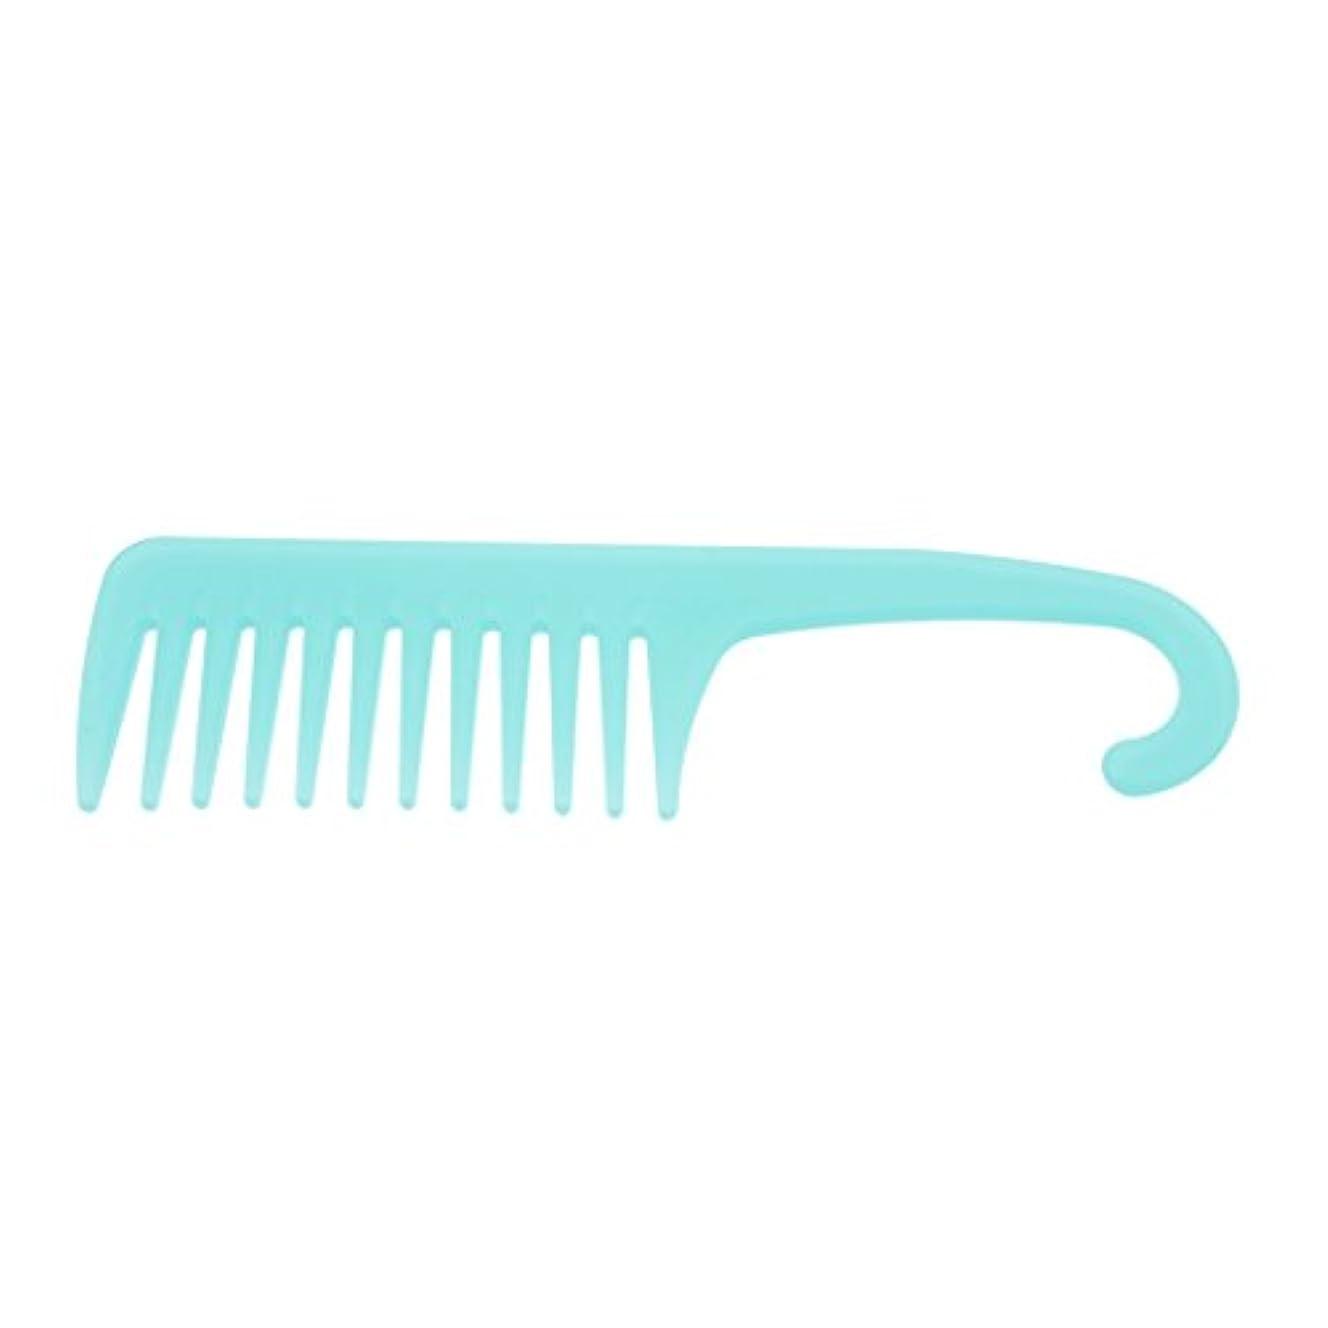 発音する変位成人期Perfeclan ワイド歯ブラシ ヘアブラシ プロ ヘアーコンディション 櫛 耐熱性 帯電防止 ヘアコーム 3タイプ選べる - A